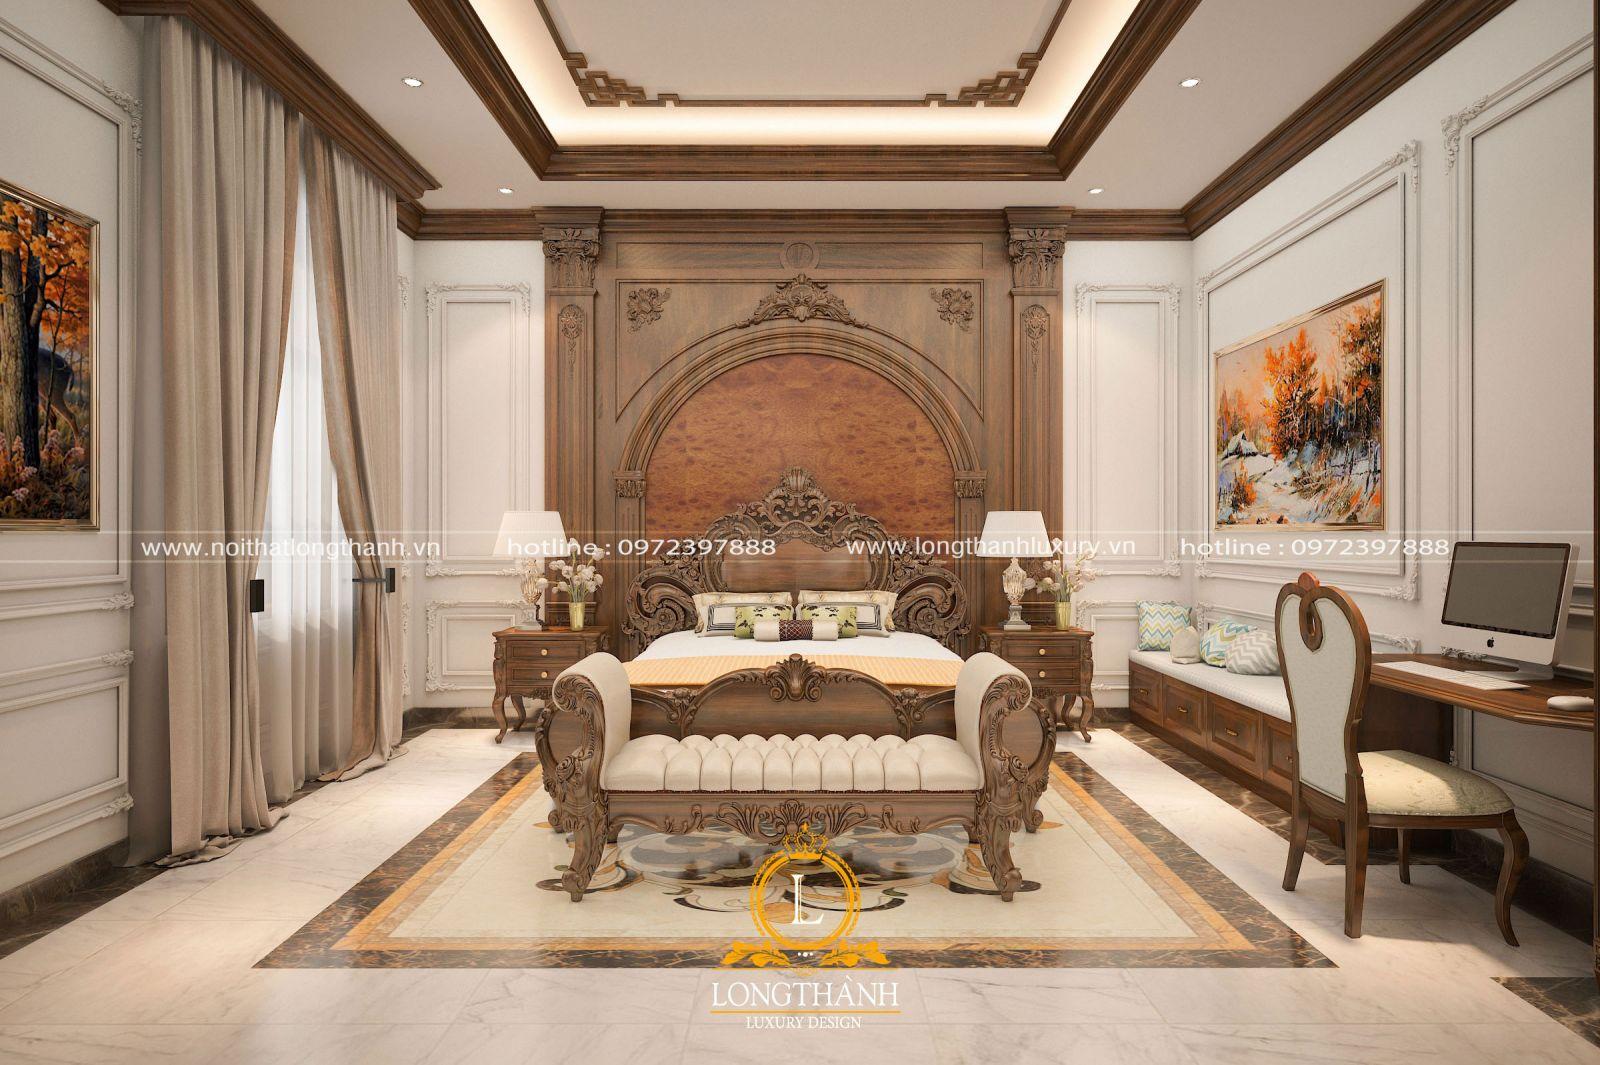 Phòng ngủ cao cấp phong cách tân cổ điển